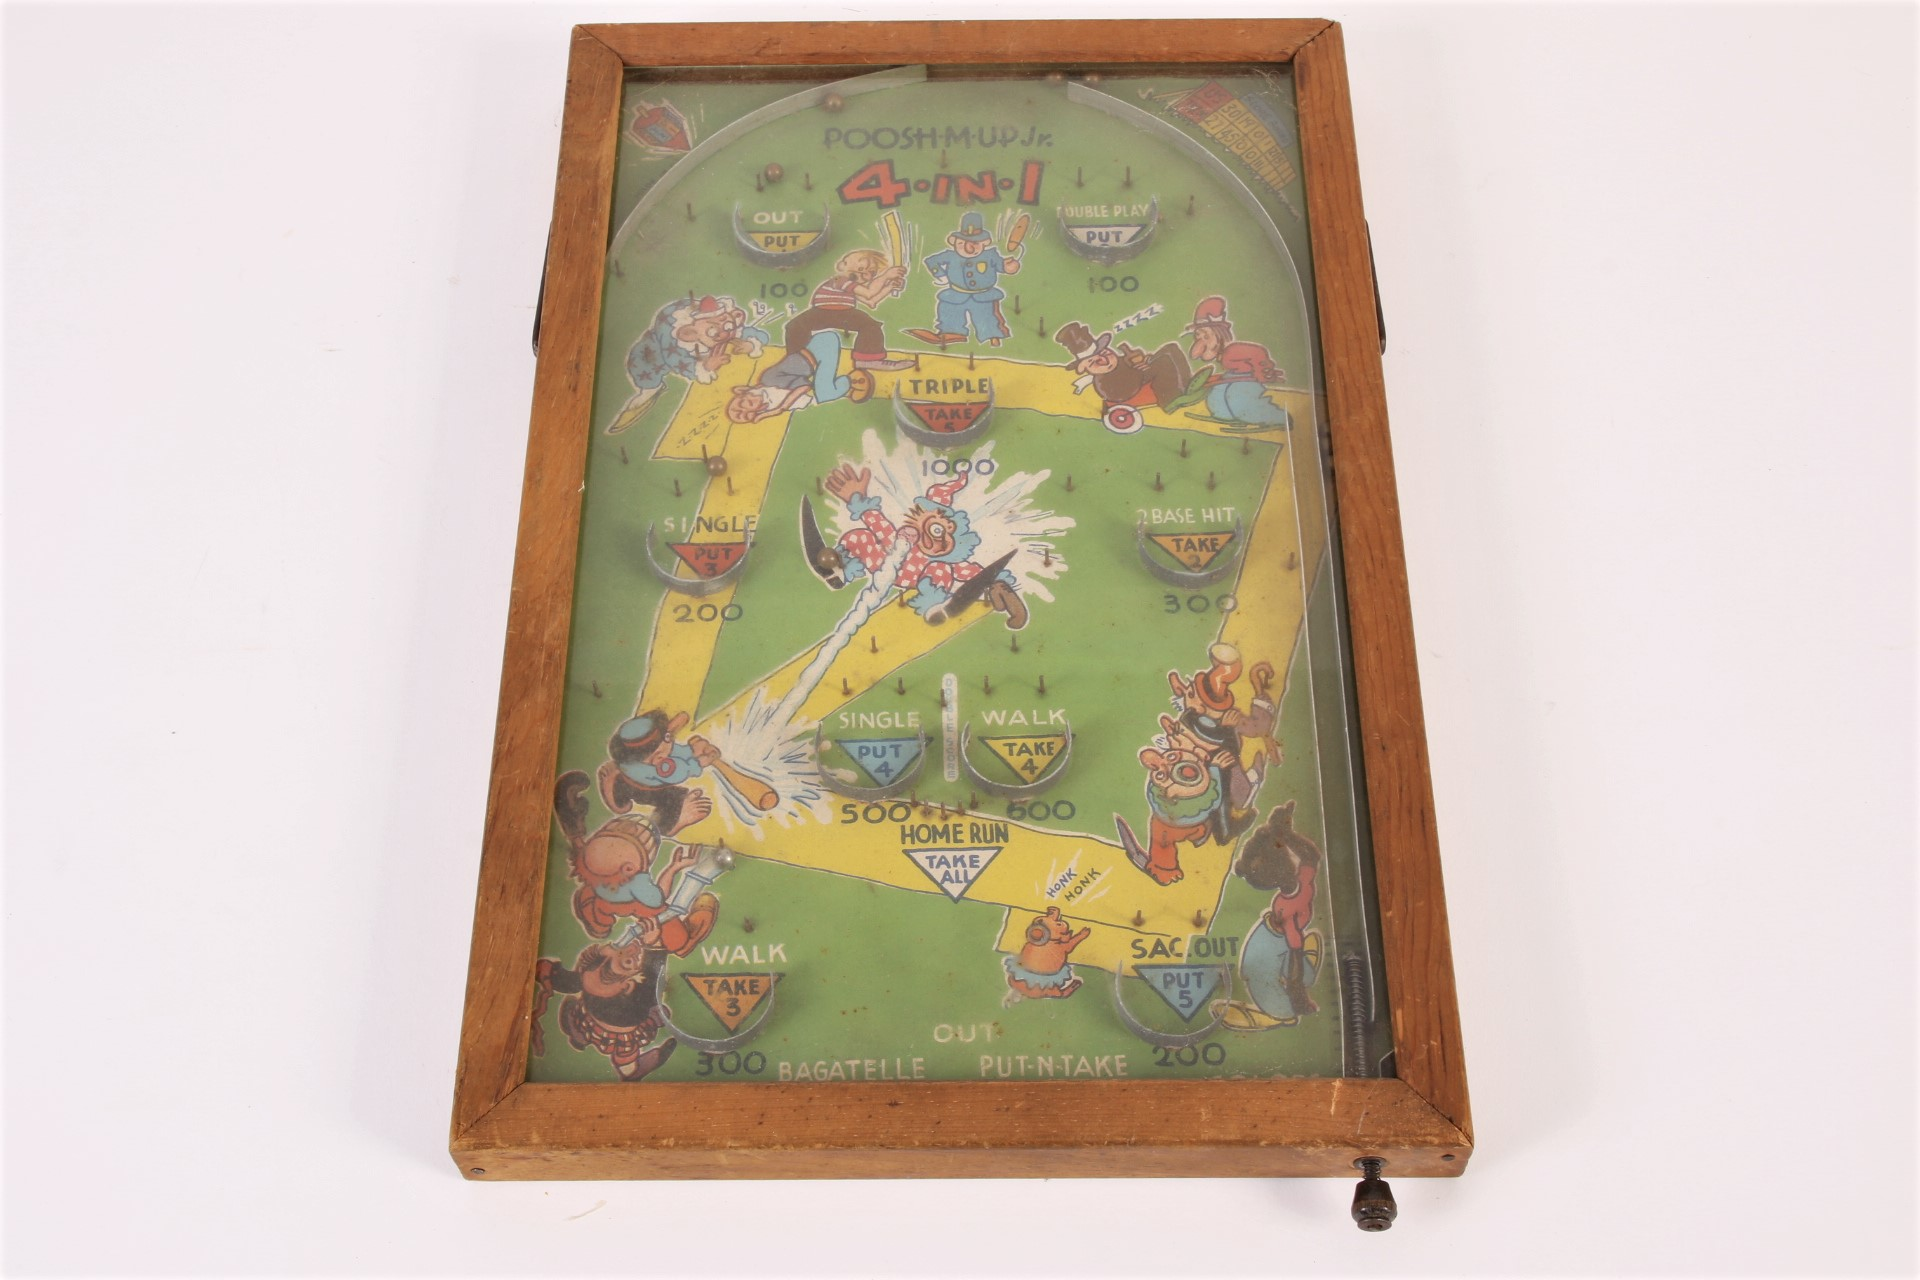 Vintage Poosh M Up Jr 4 In 1 Pinball Game 62515 Black Rock Galleries